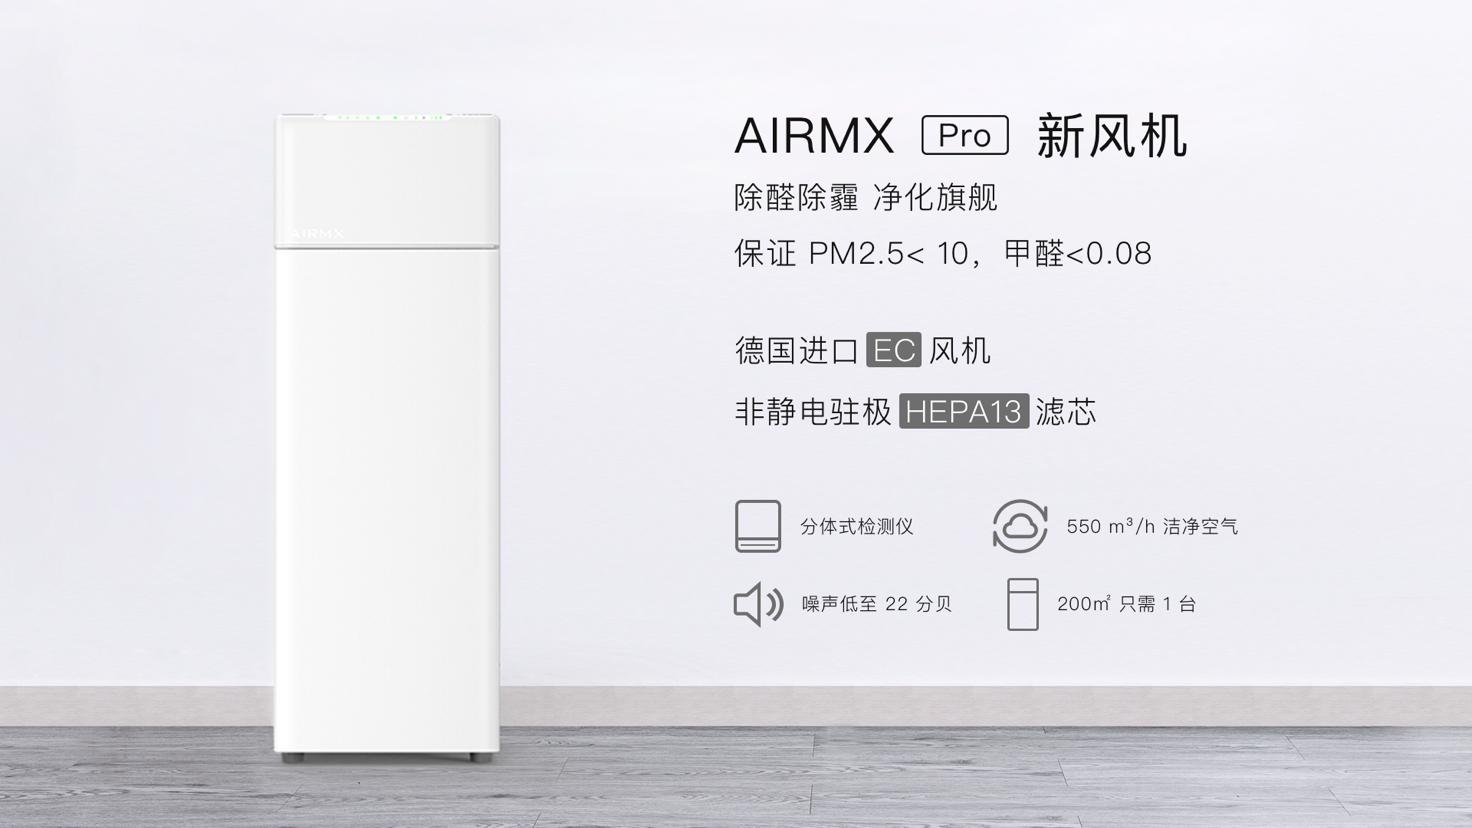 呼吸健康2.0时代 AIRMX发布后装式新风系统旗舰